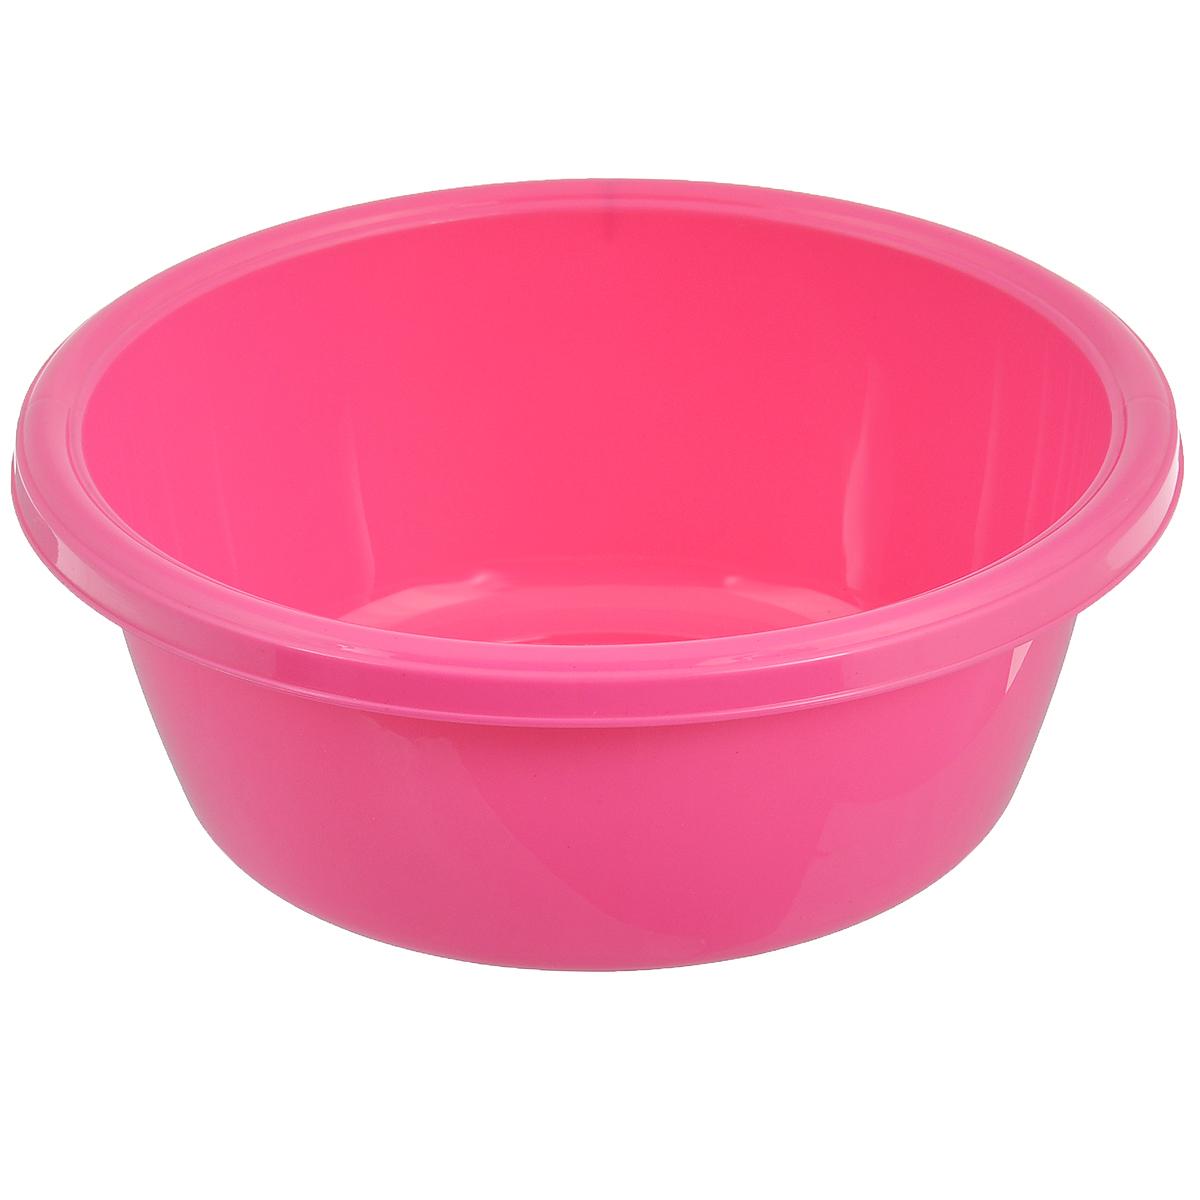 Миска Dunya Plastik, цвет: розовый, 4,5 л10324_розовыйМиска Dunya Plastik изготовлена из пластика, имеет круглую форму. Такая миска прекрасно подойдет для хранения мелких бытовых предметов, пищевых продуктов и другое. Объем: 4,5 л. Диаметр: 28 см. Высота стенки: 11 см.